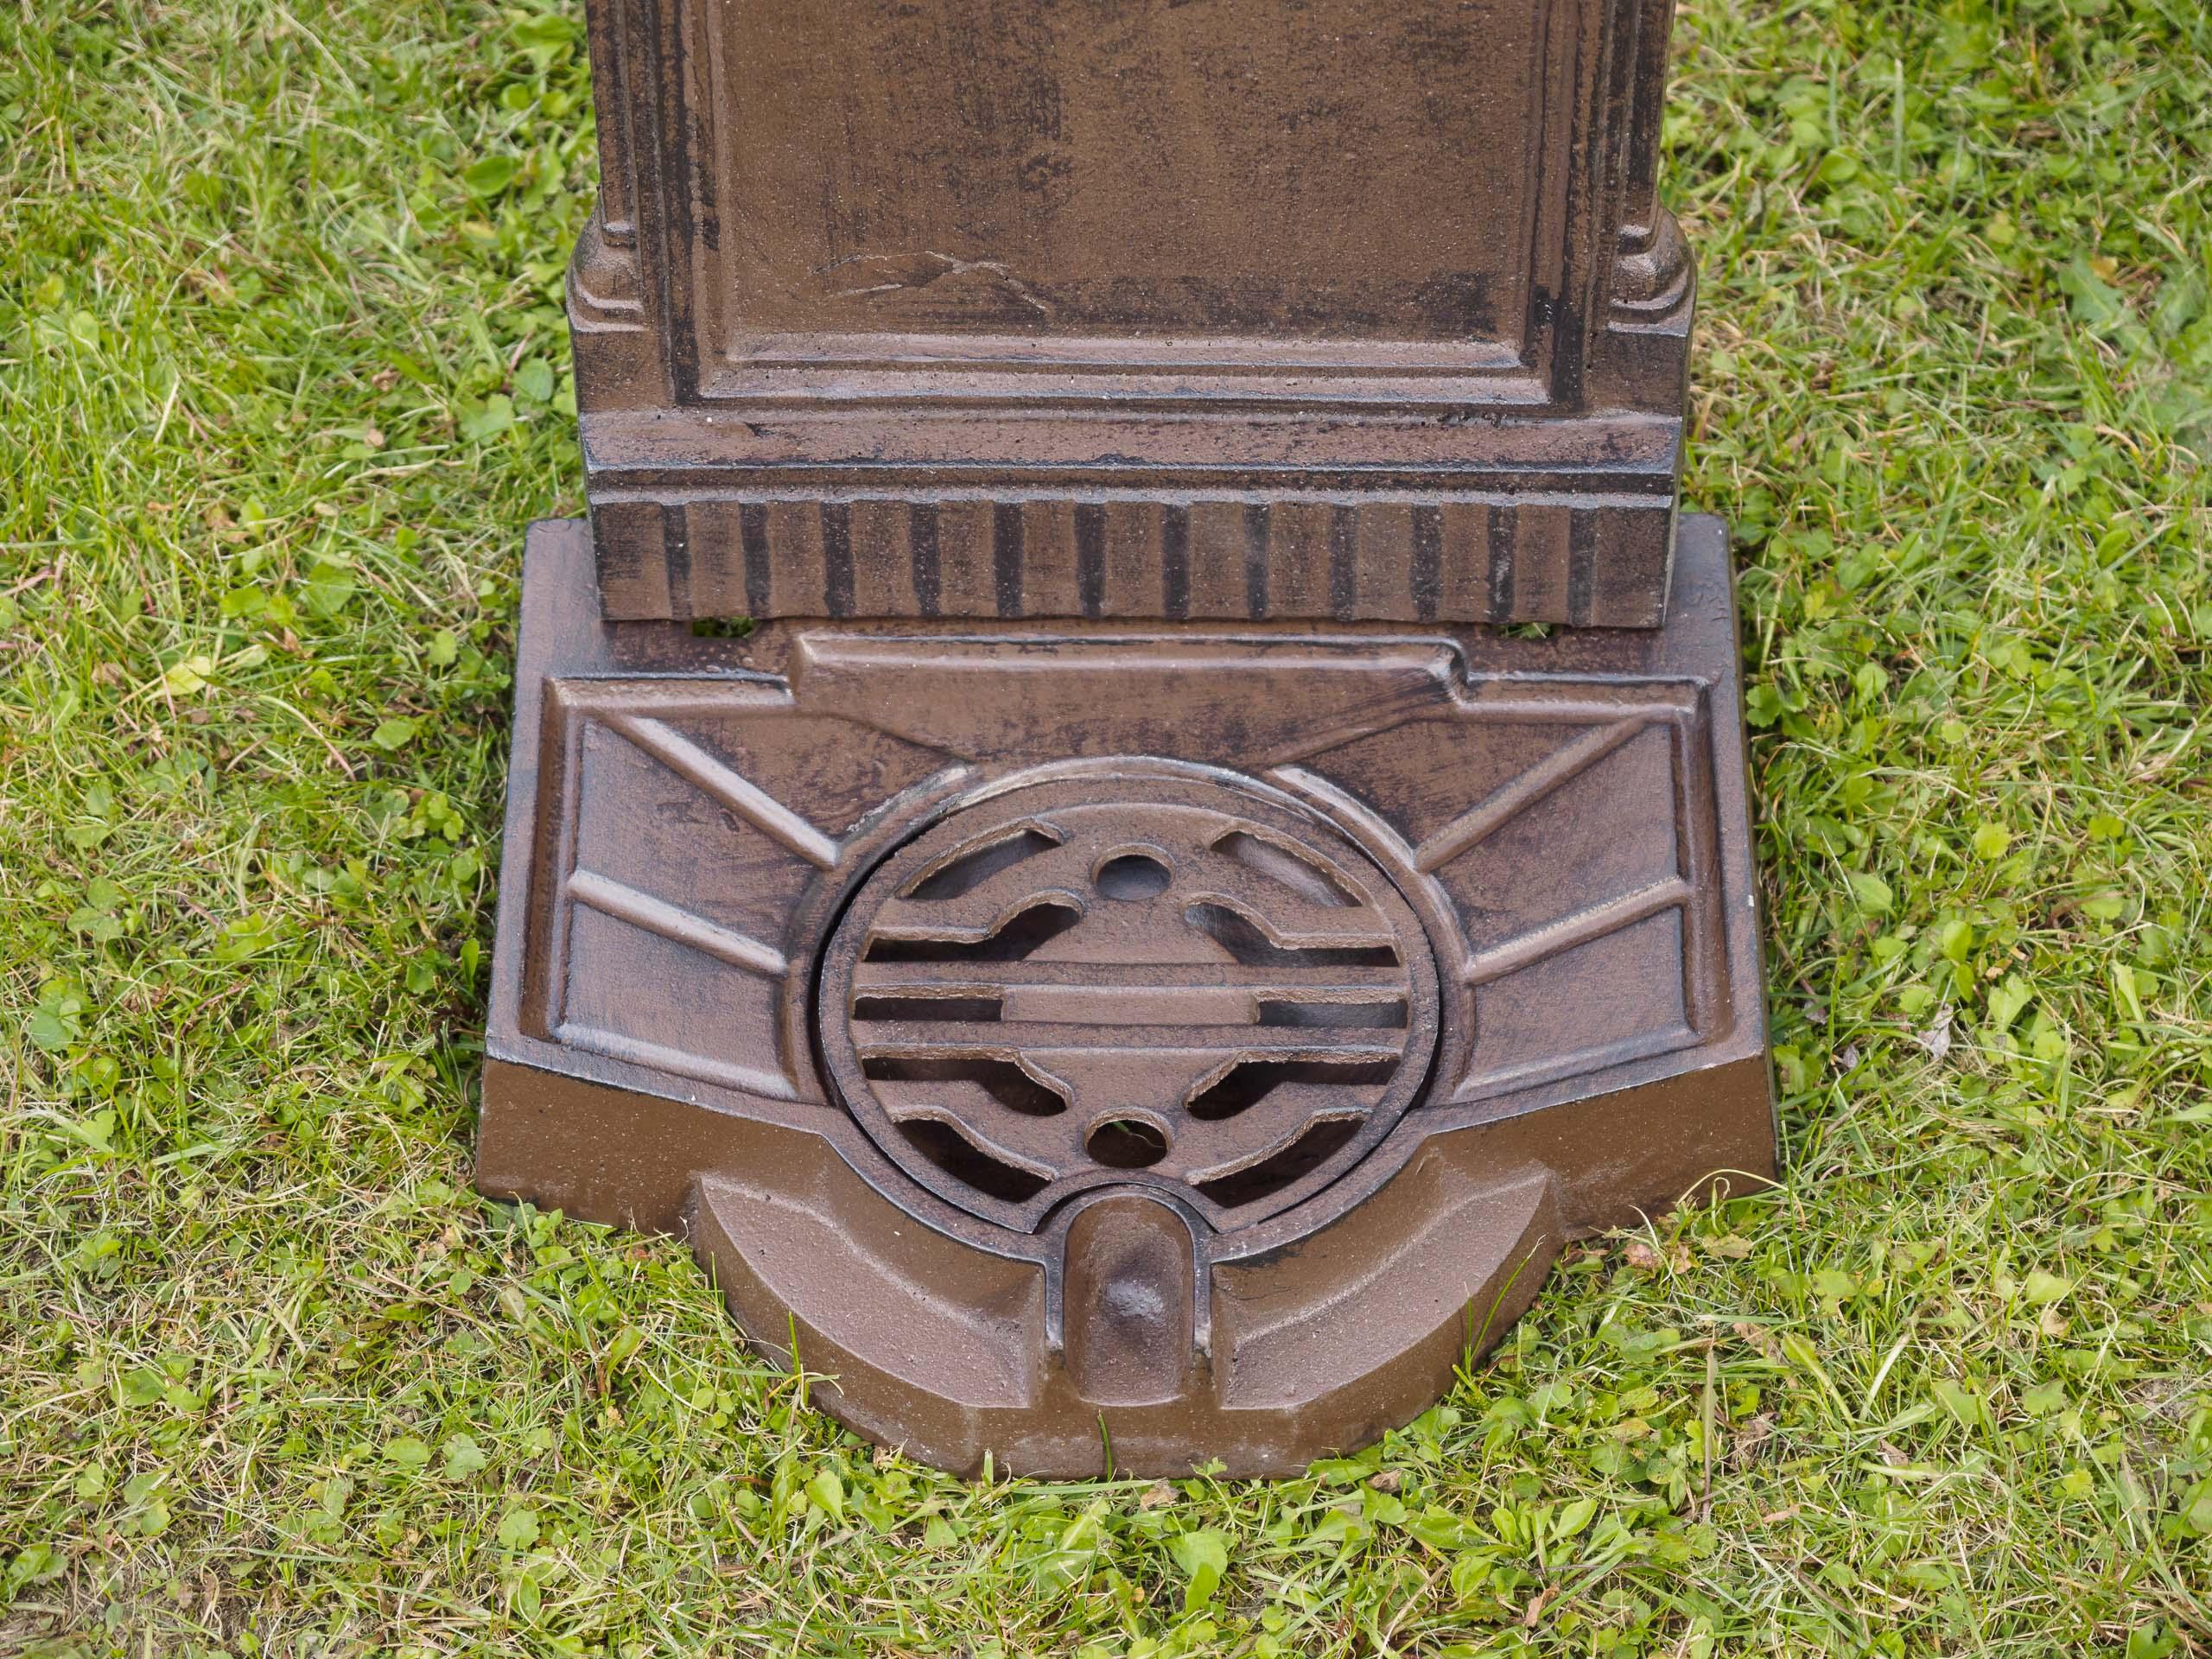 Standbrunnen 64cm 11kg Waschbecken Brunnen Eisen braun Wandbrunnen antik Style